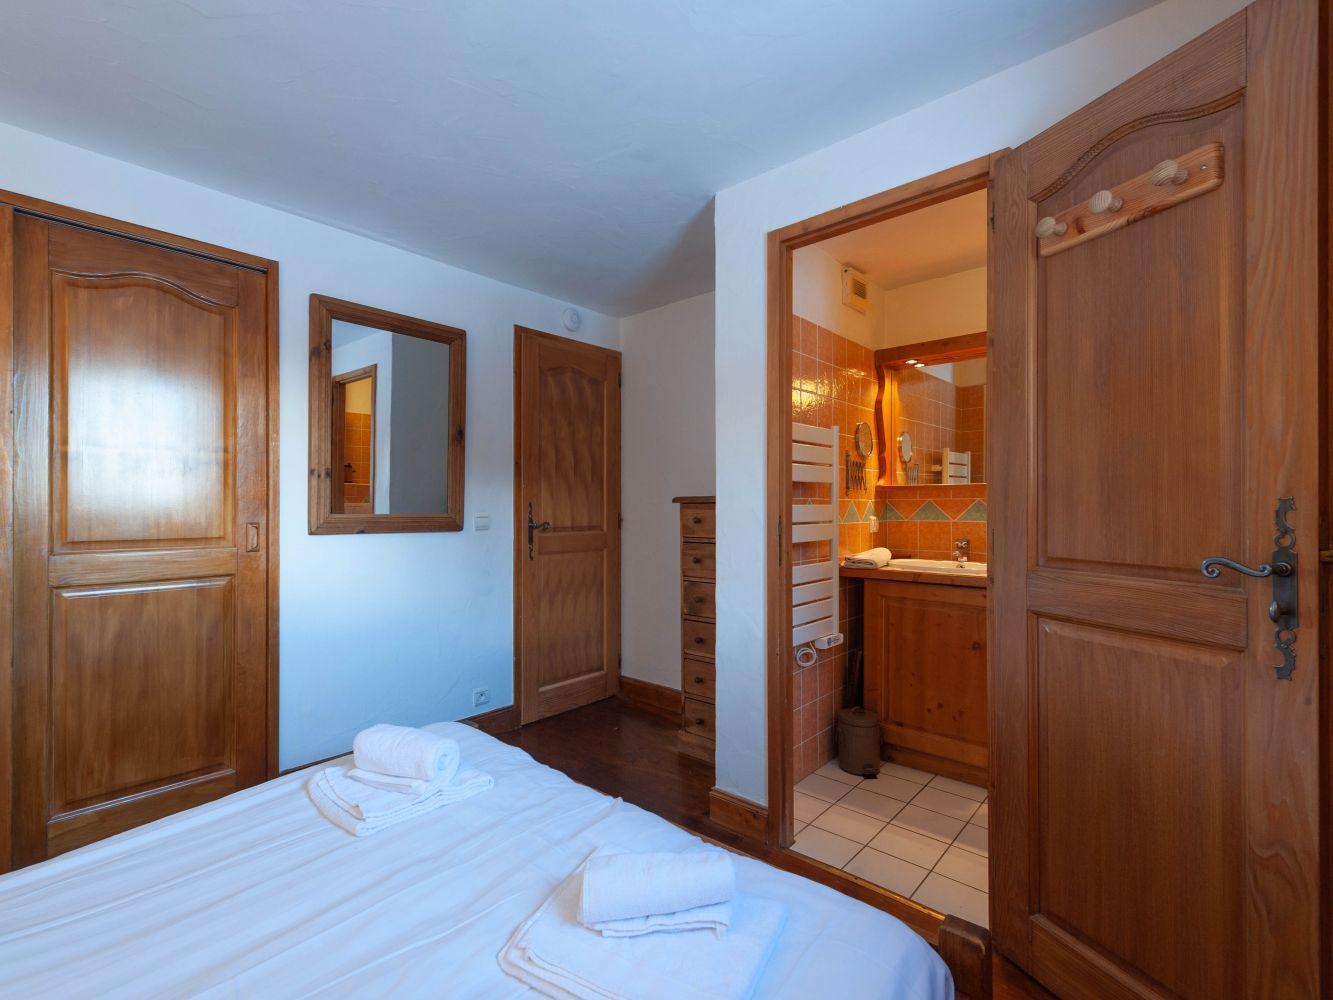 Het chalet kamer met ontbijt in limanton